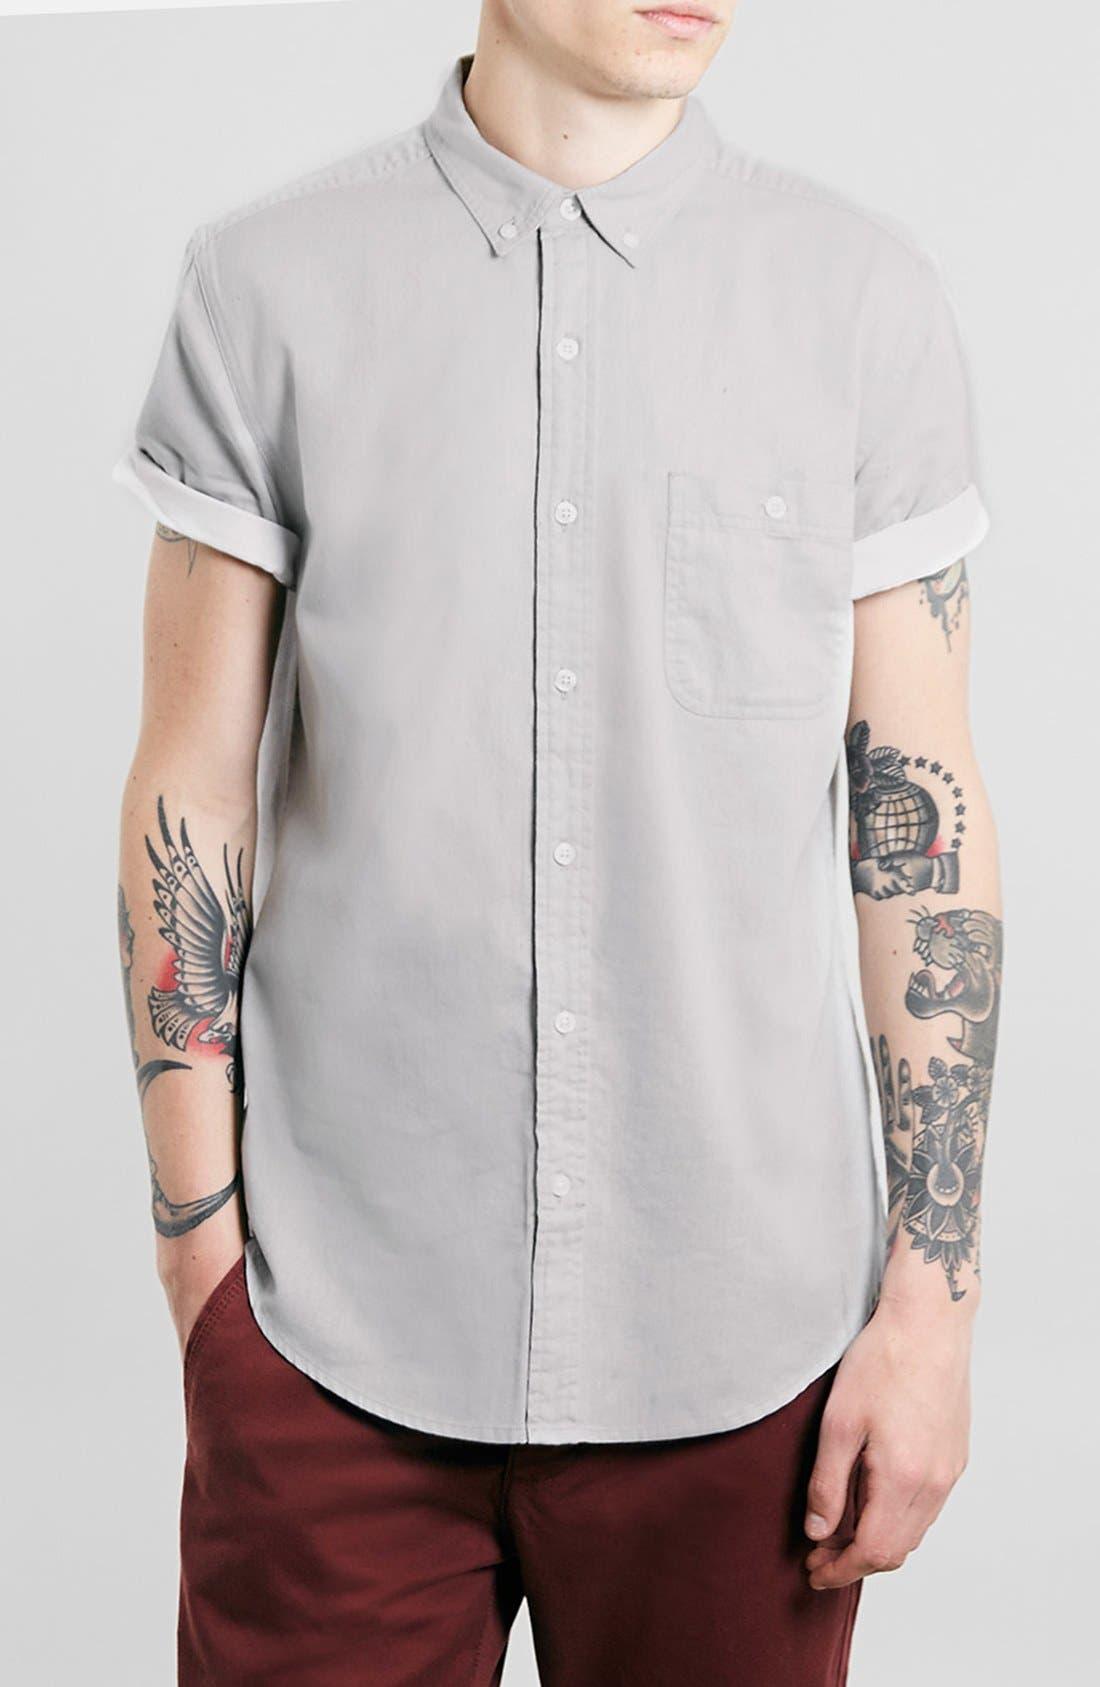 TOPMAN,                             Contrast Trim Short Sleeve Cotton Shirt,                             Alternate thumbnail 3, color,                             020